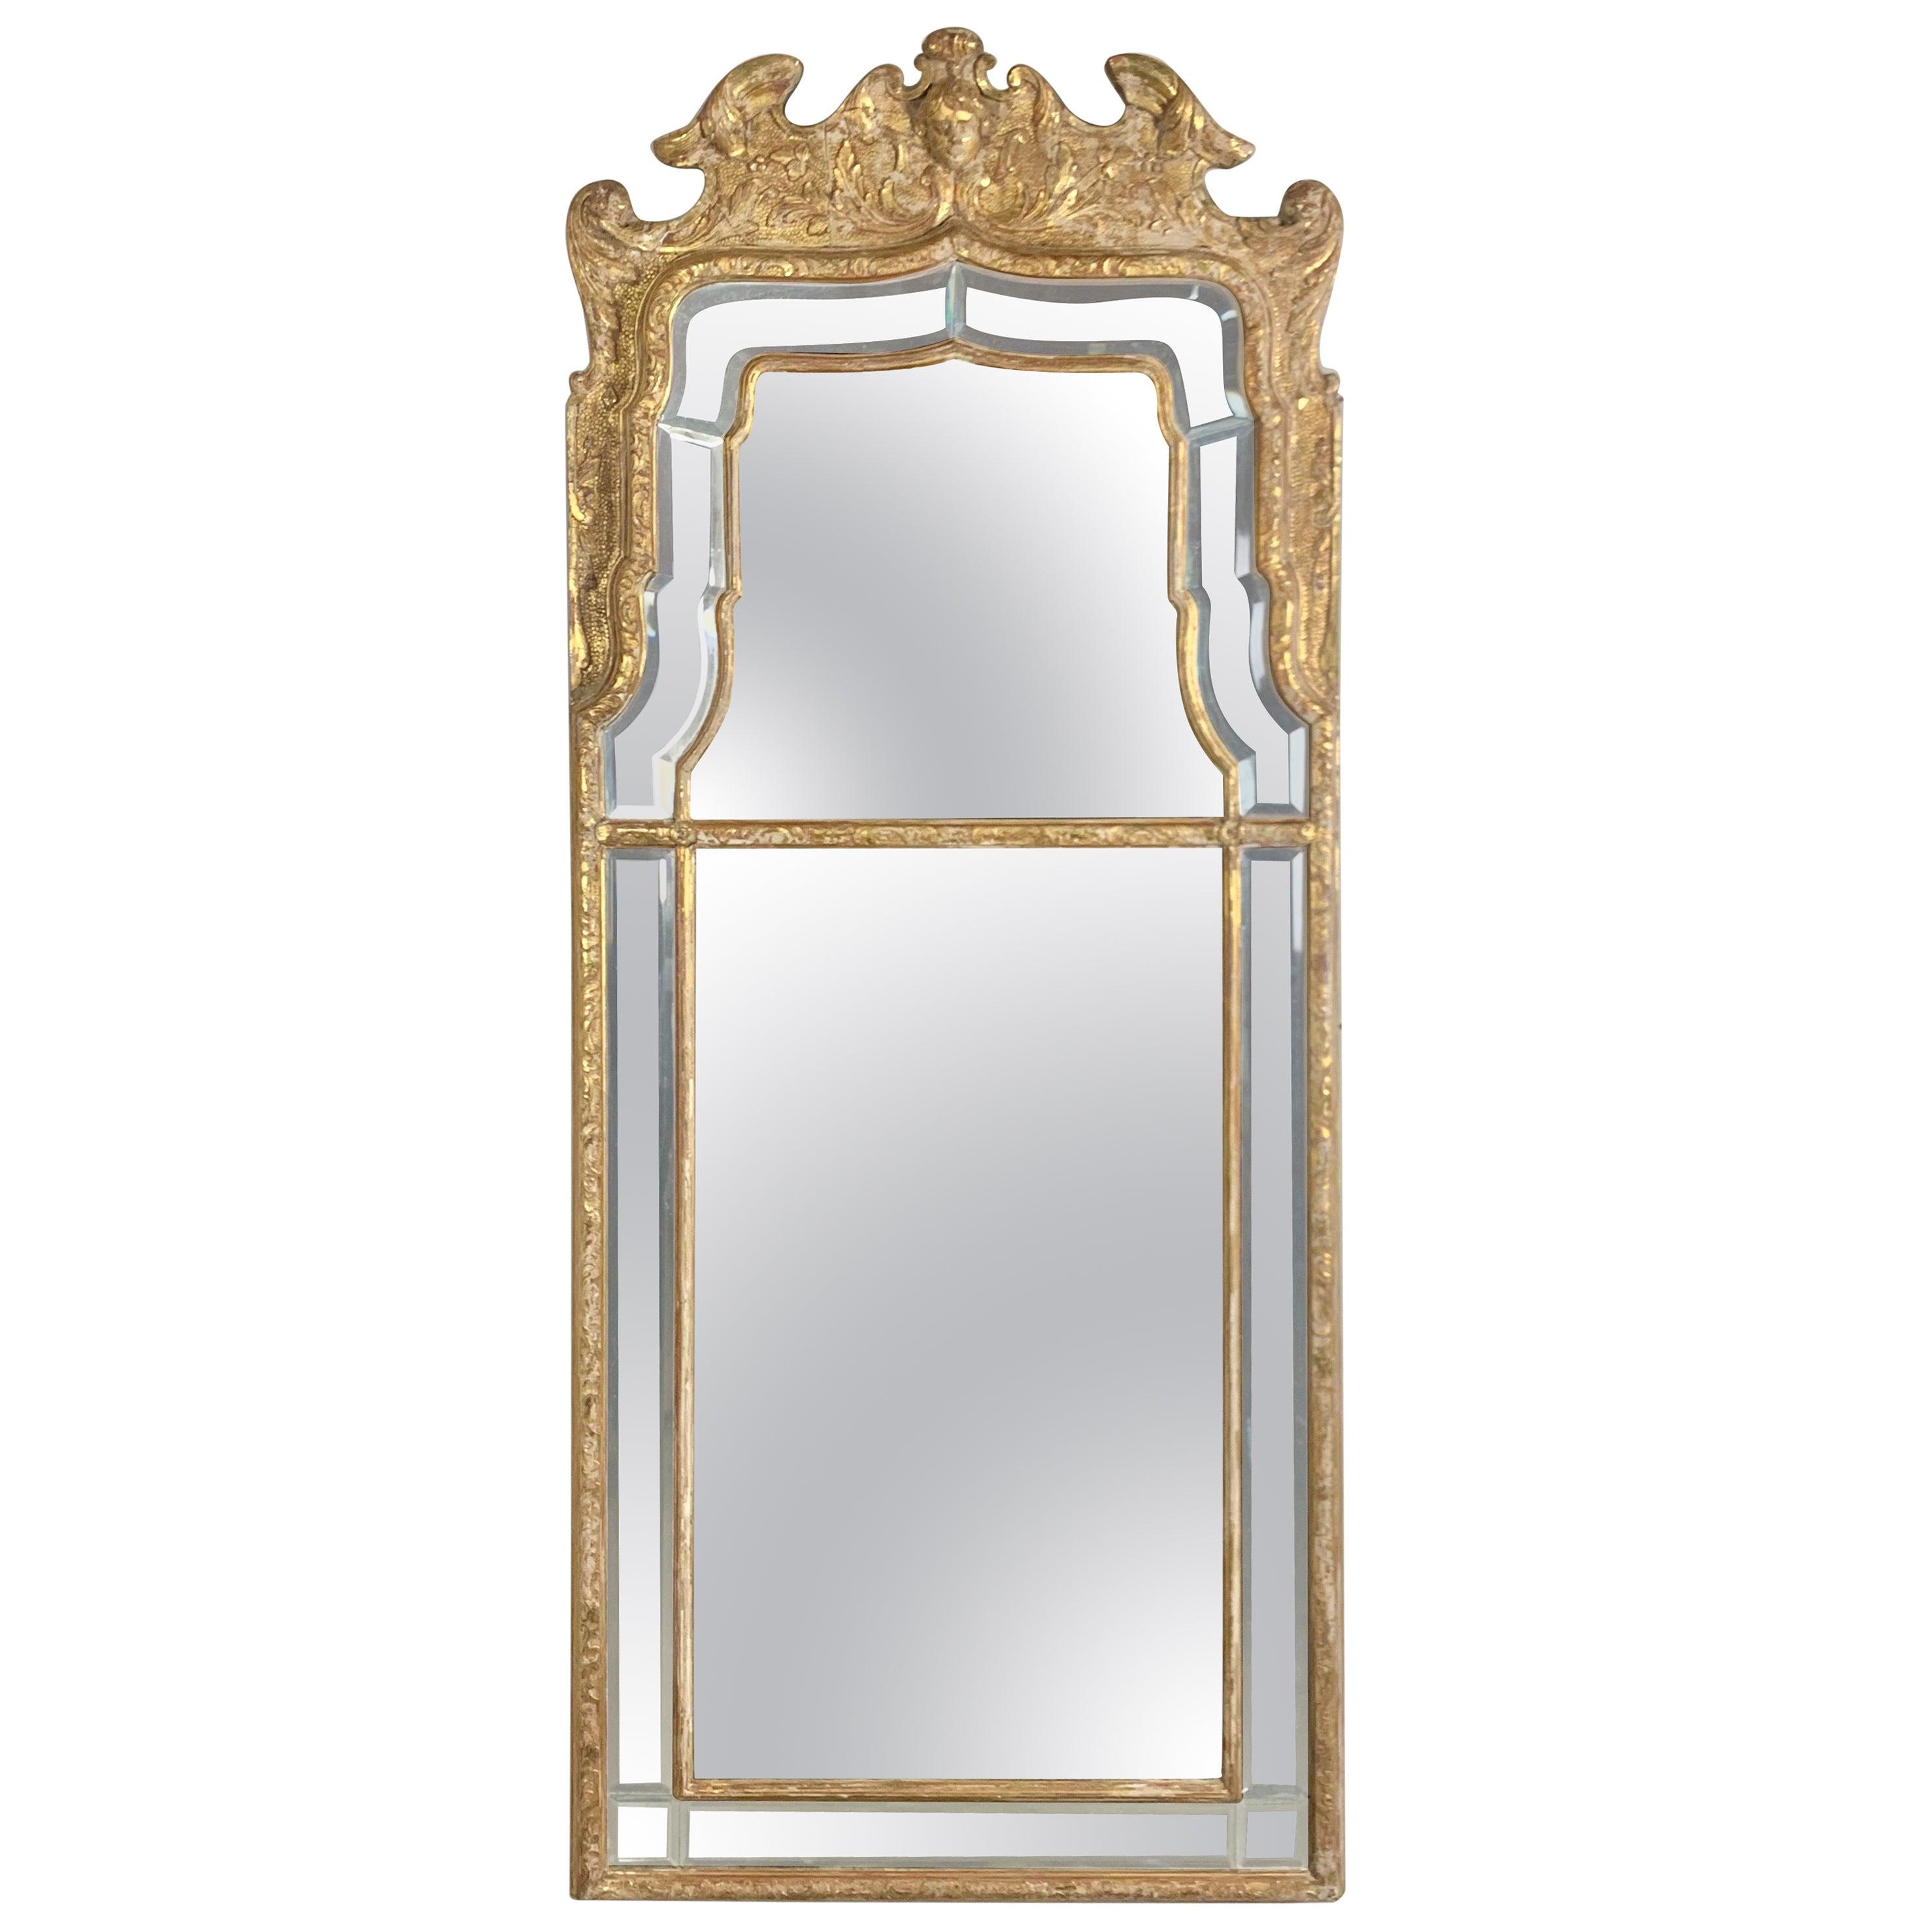 French Louis XVI Style Giltwood Mirror, circa 1930s